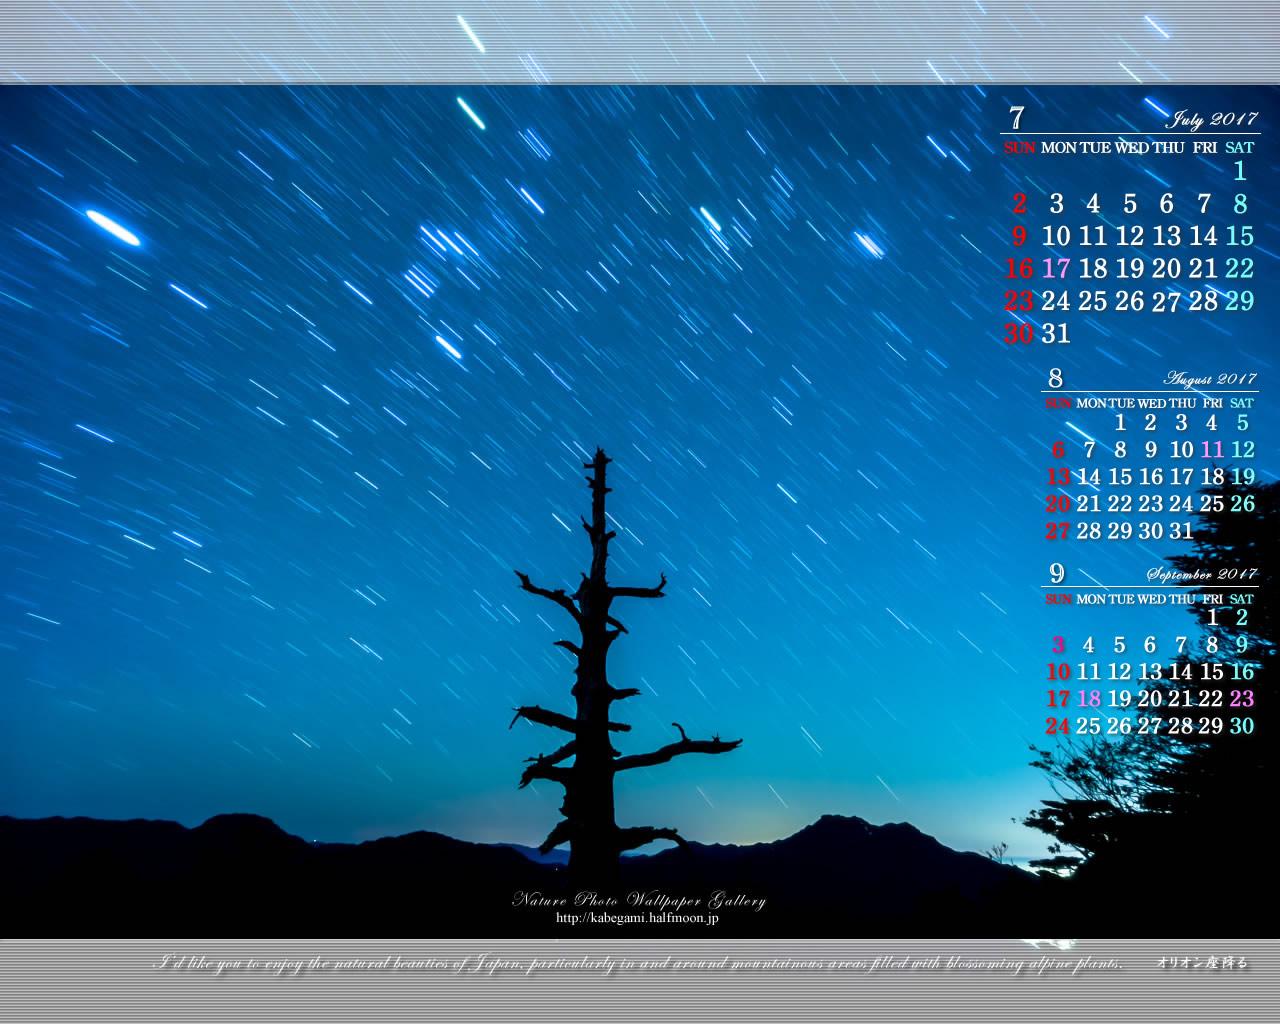 17年7月の無料カレンダー壁紙 1280x1024 山岳星景写真 04 石鎚自然写真館